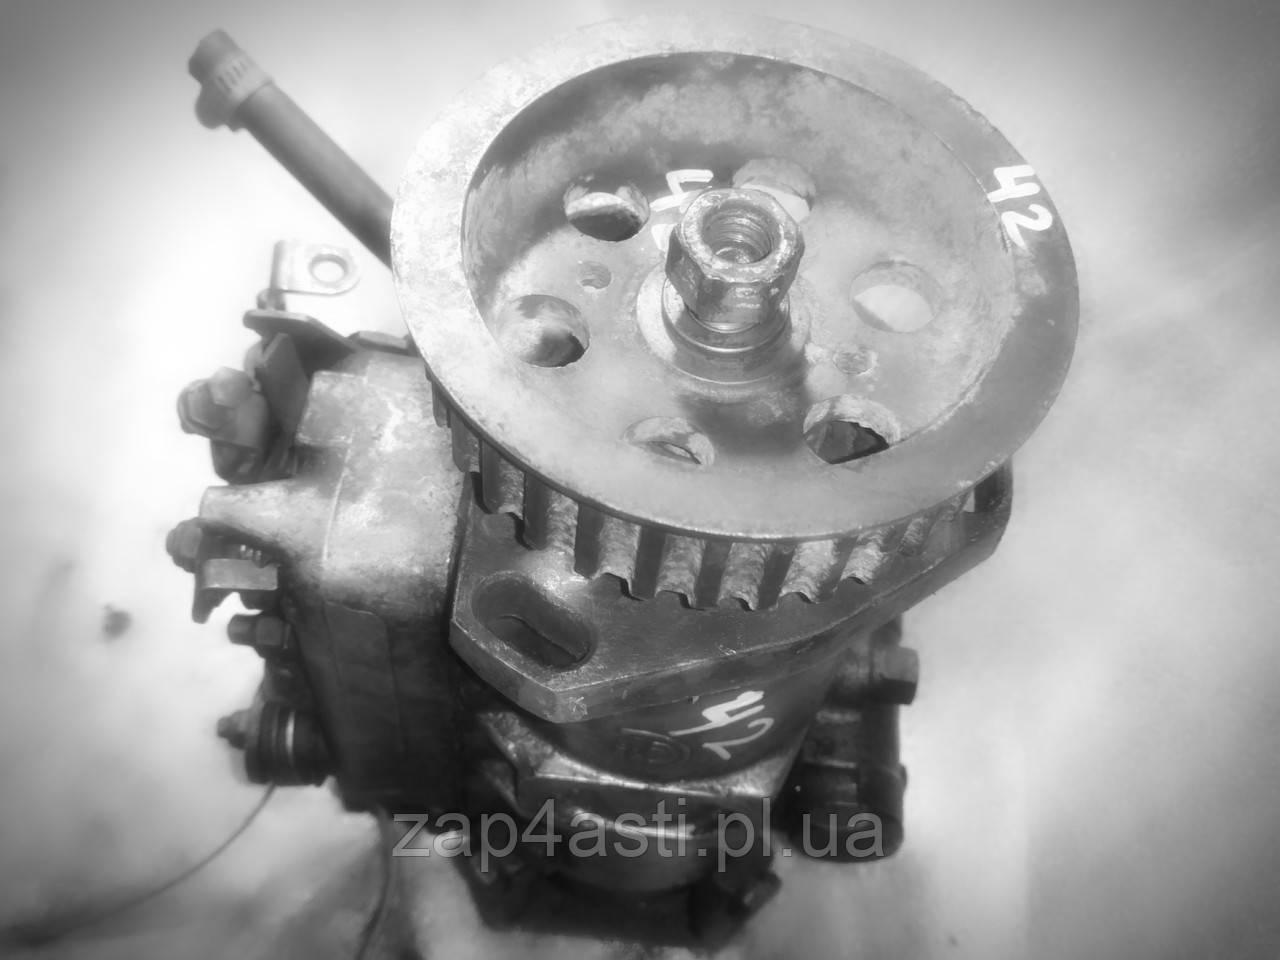 ТНВД PEUGEOT J5 2.5D (Lucas) R3449F012